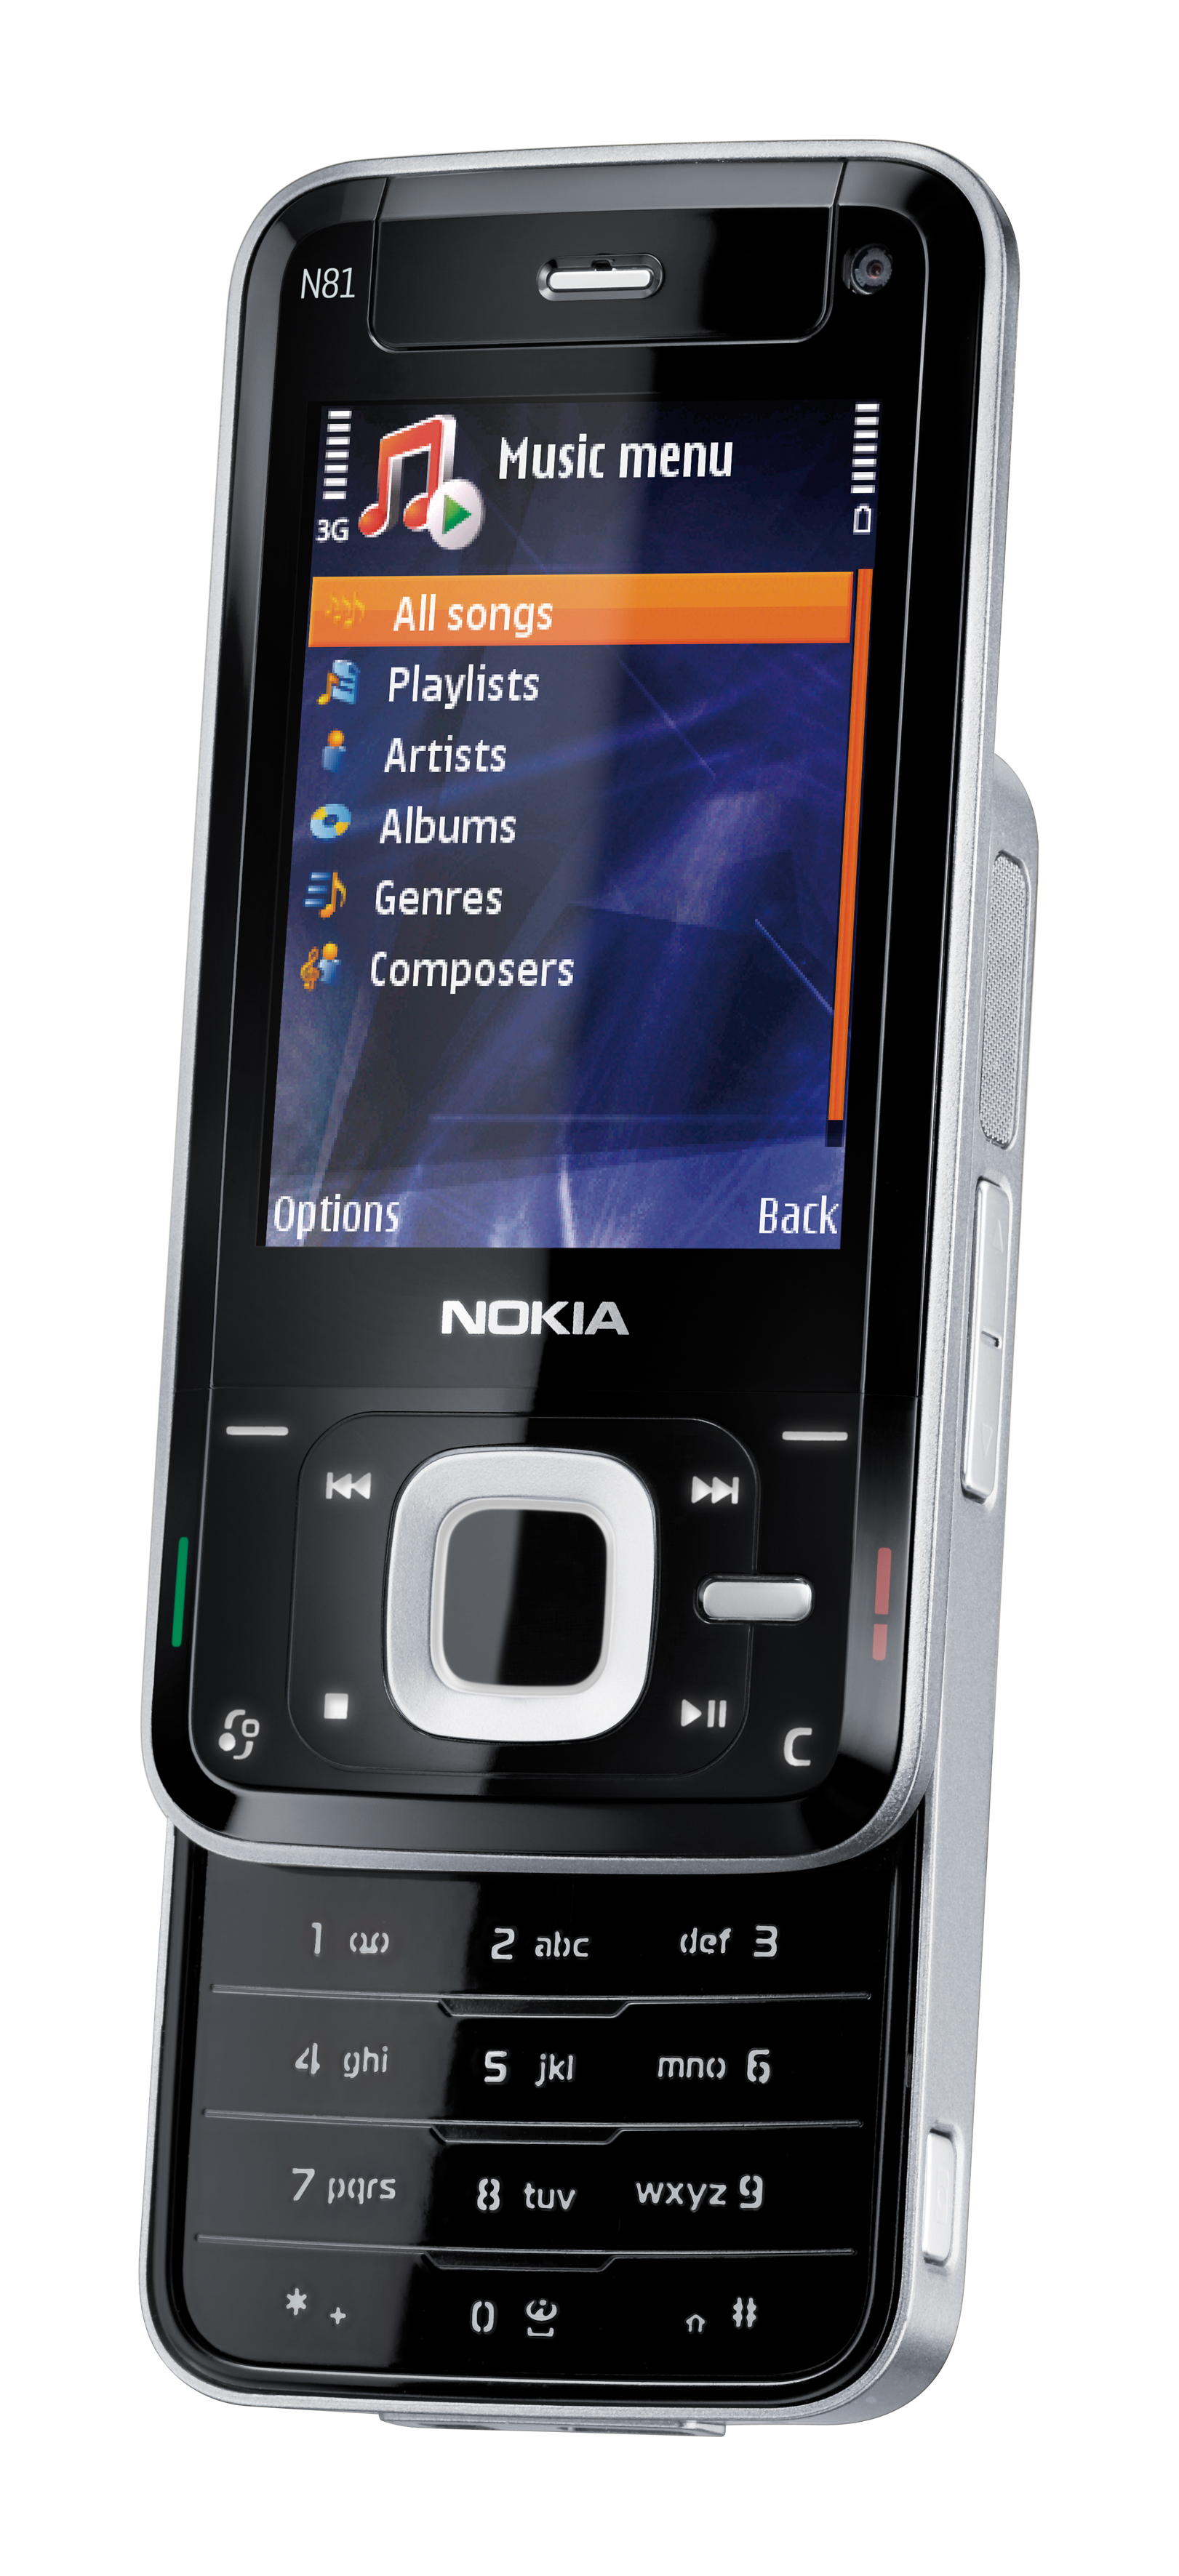 nokia n81 nokia wiki fandom powered by wikia rh nokia wikia com Nokia N91 Nokia N80